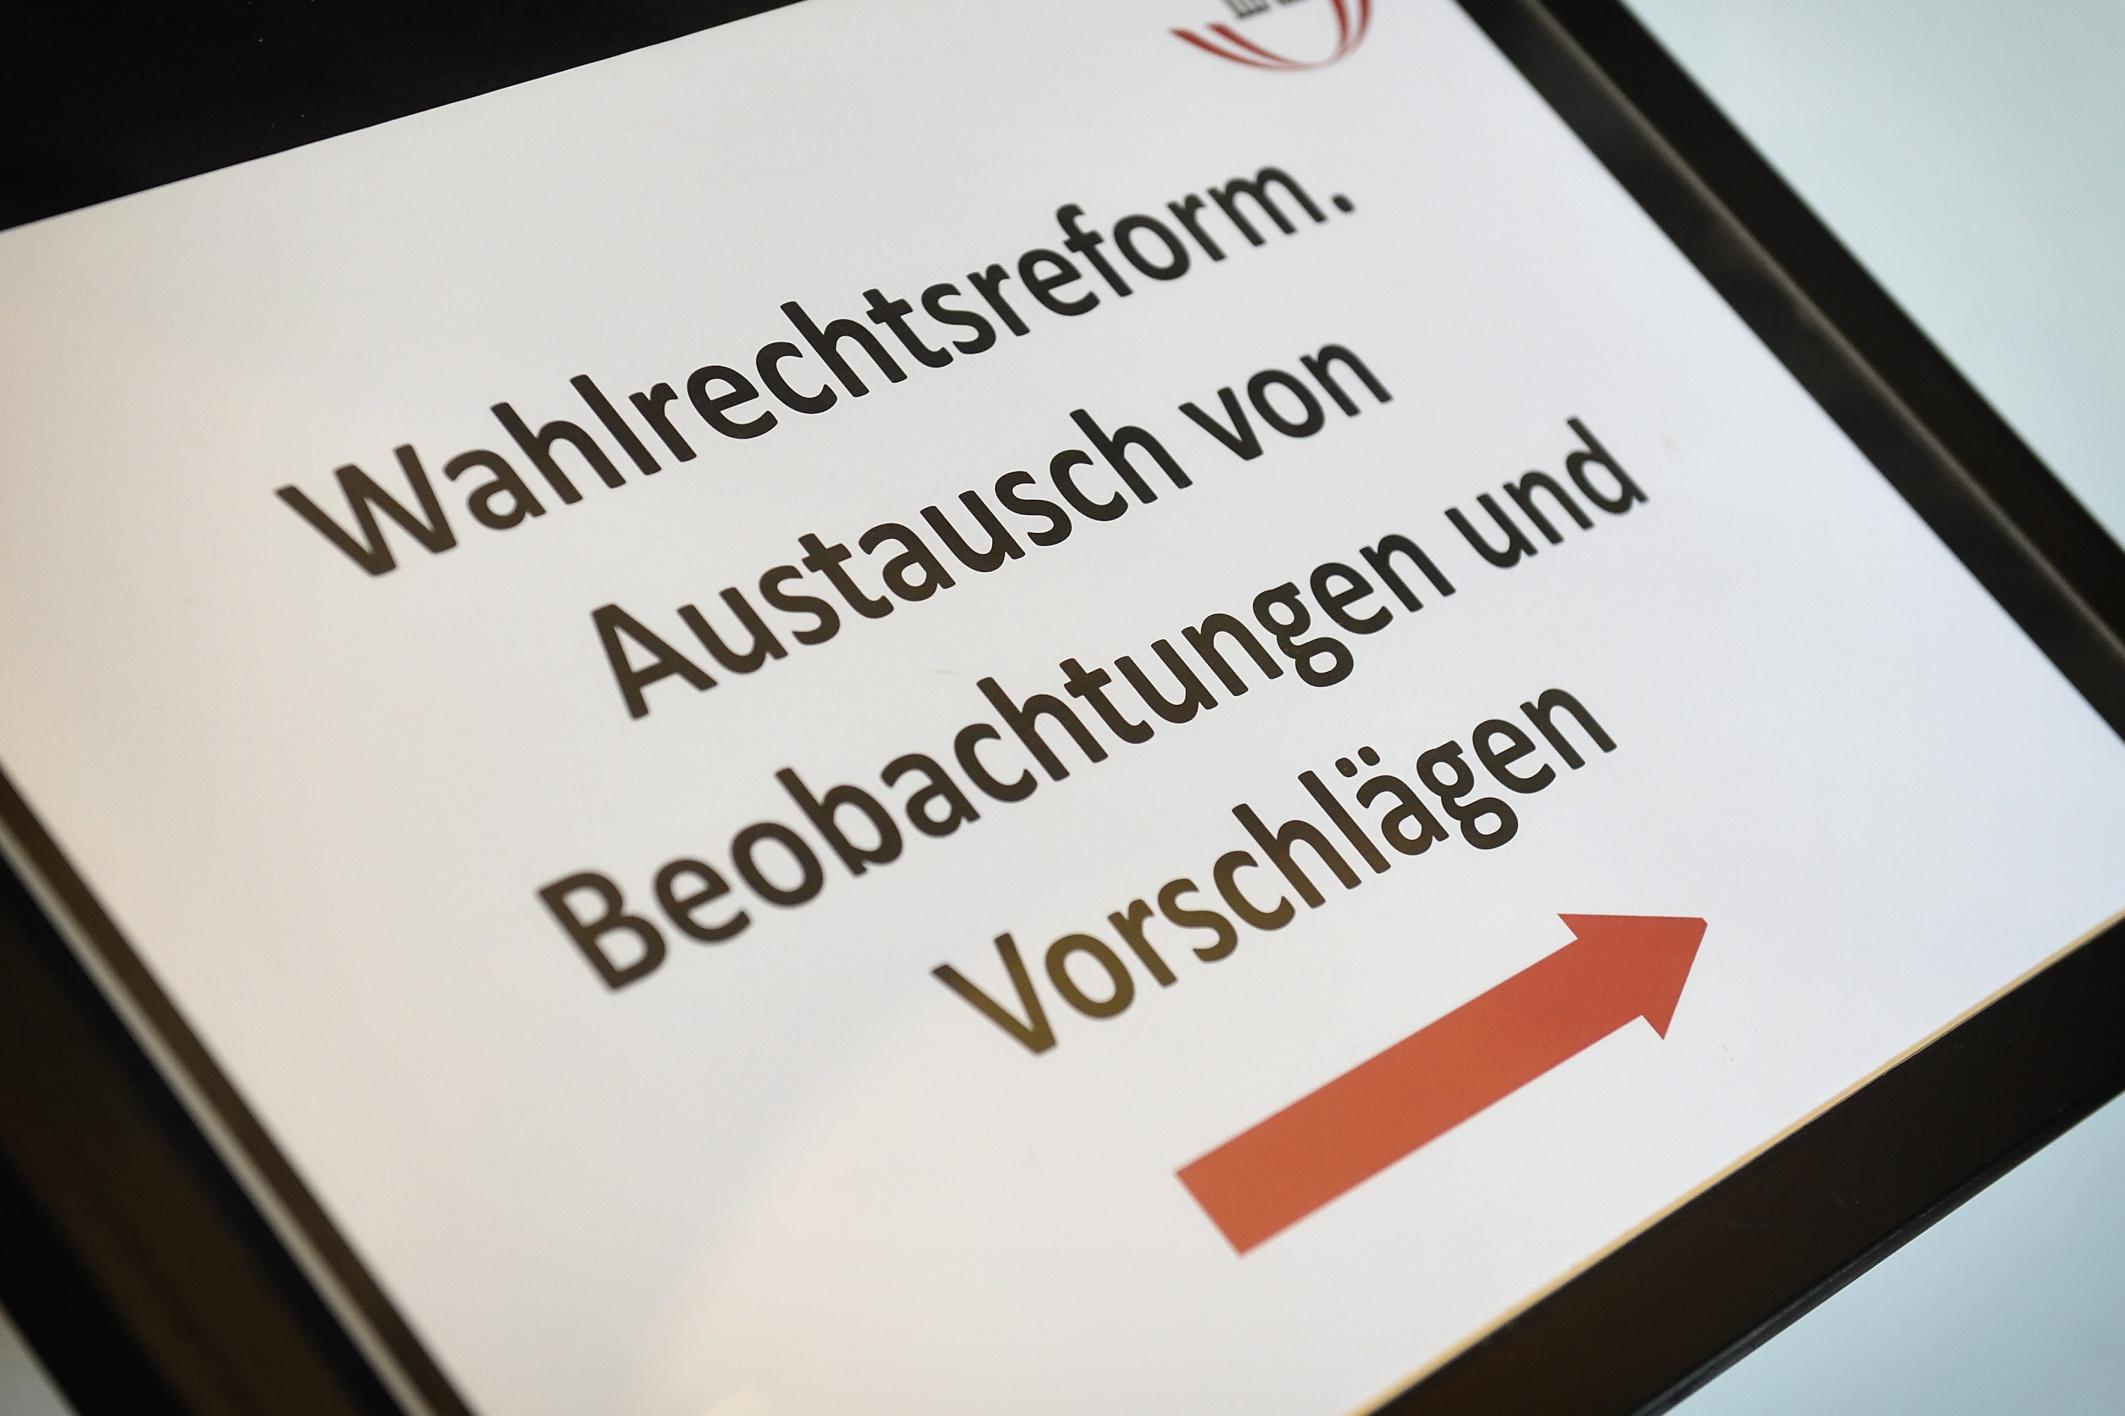 Hinweistafel zur Veranstaltung: Wahlrechtsreform. Austausch von Beobachtungen und Vorschlägen / Parlament: 13. September 2018